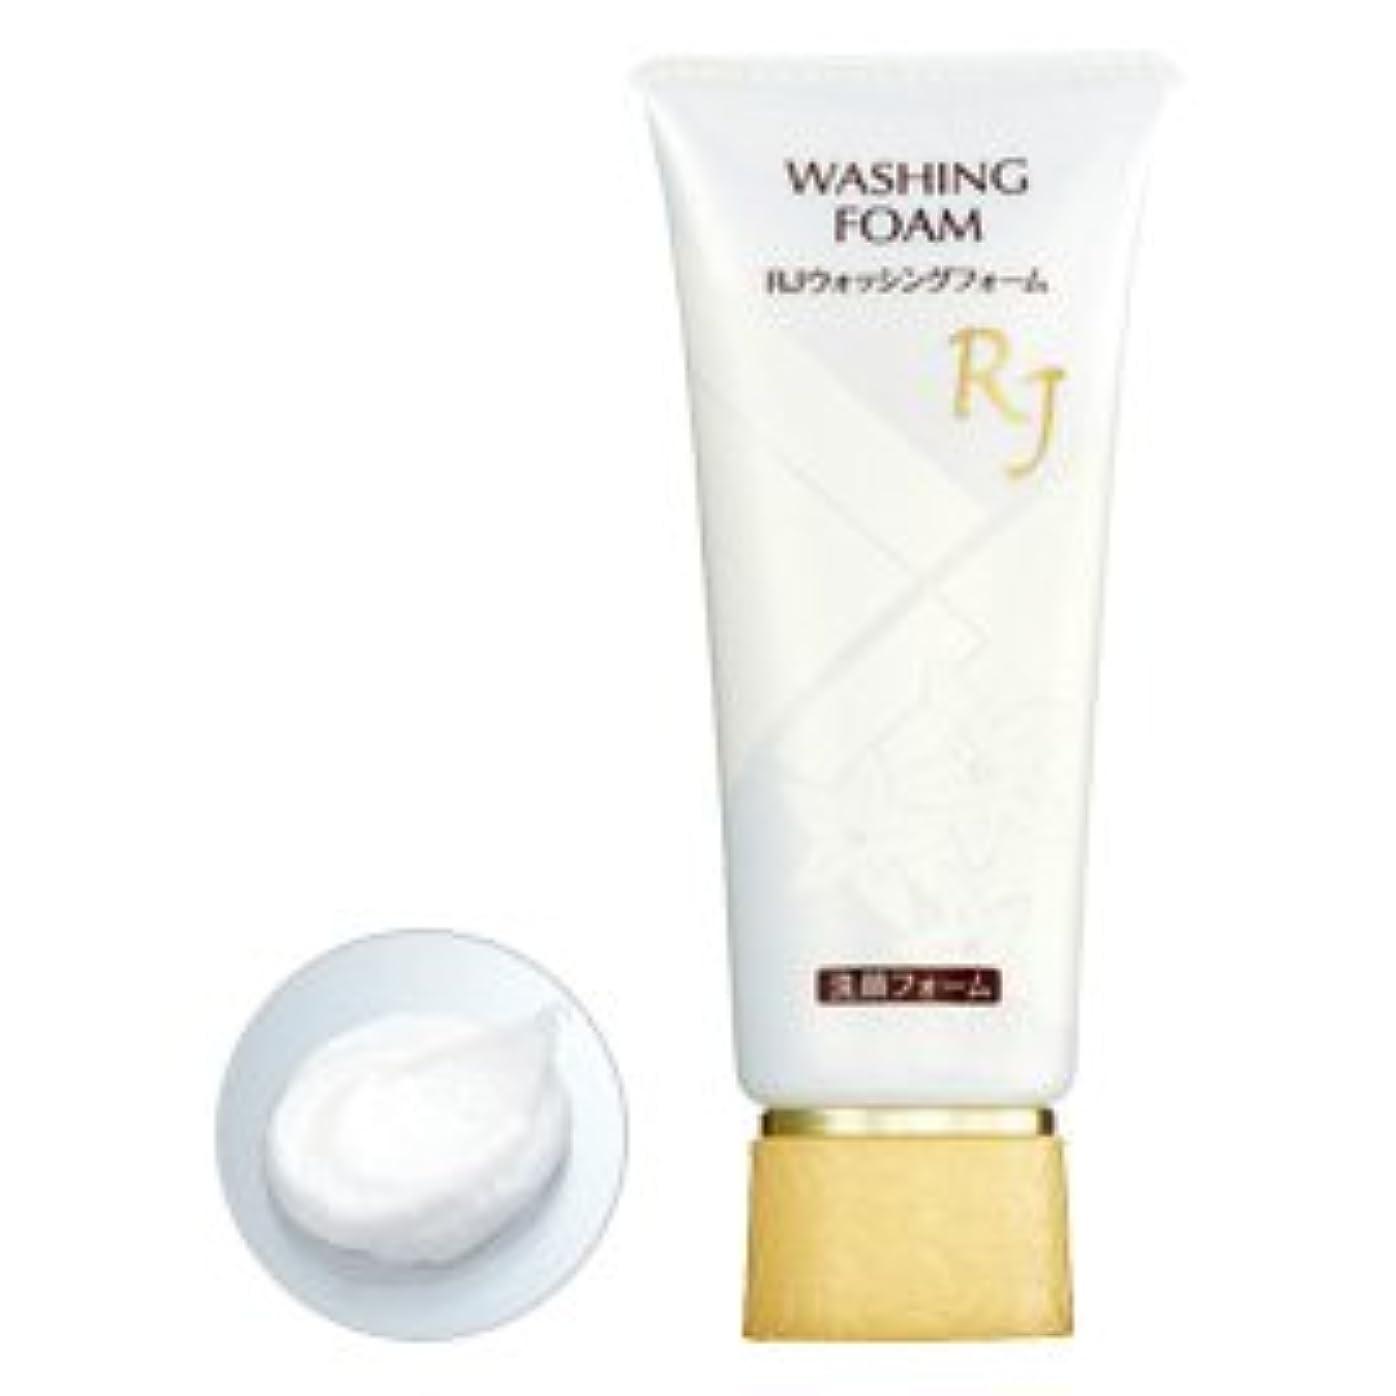 騒繊毛解凍する、雪解け、霜解けRJウォッシング(洗顔) フォーム 100g / RJ face wash <100g>